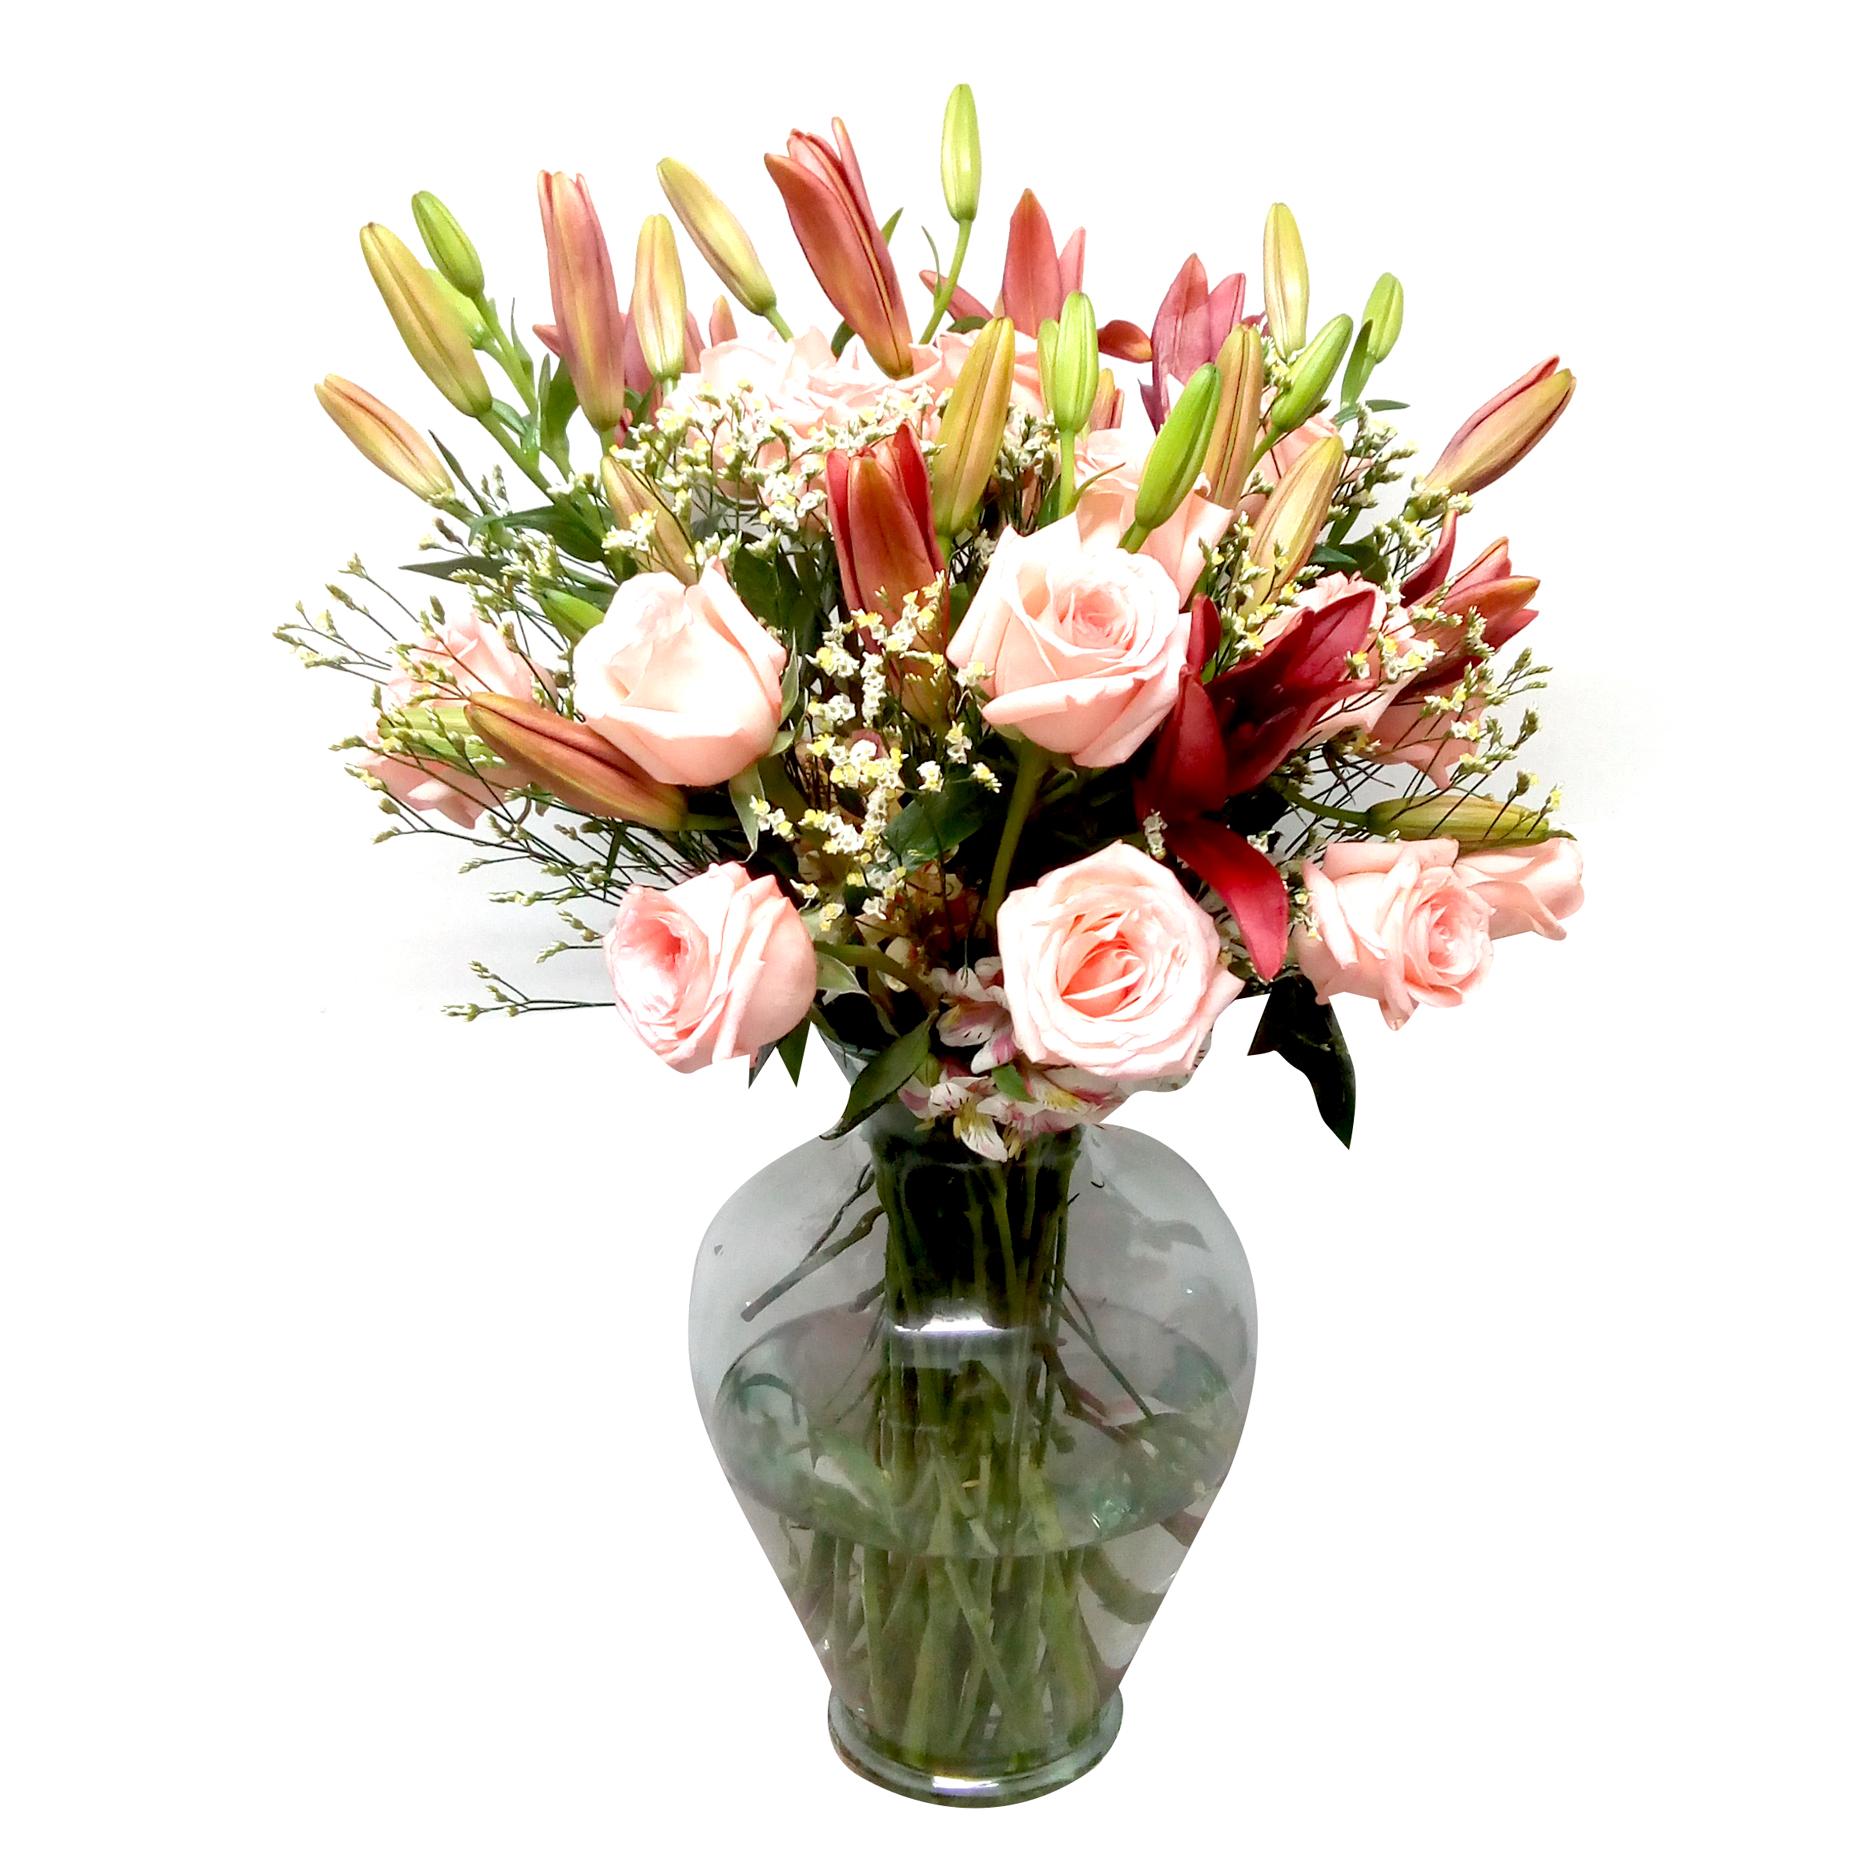 Florero Mixto con Rosas, Lilium y Alstromerias